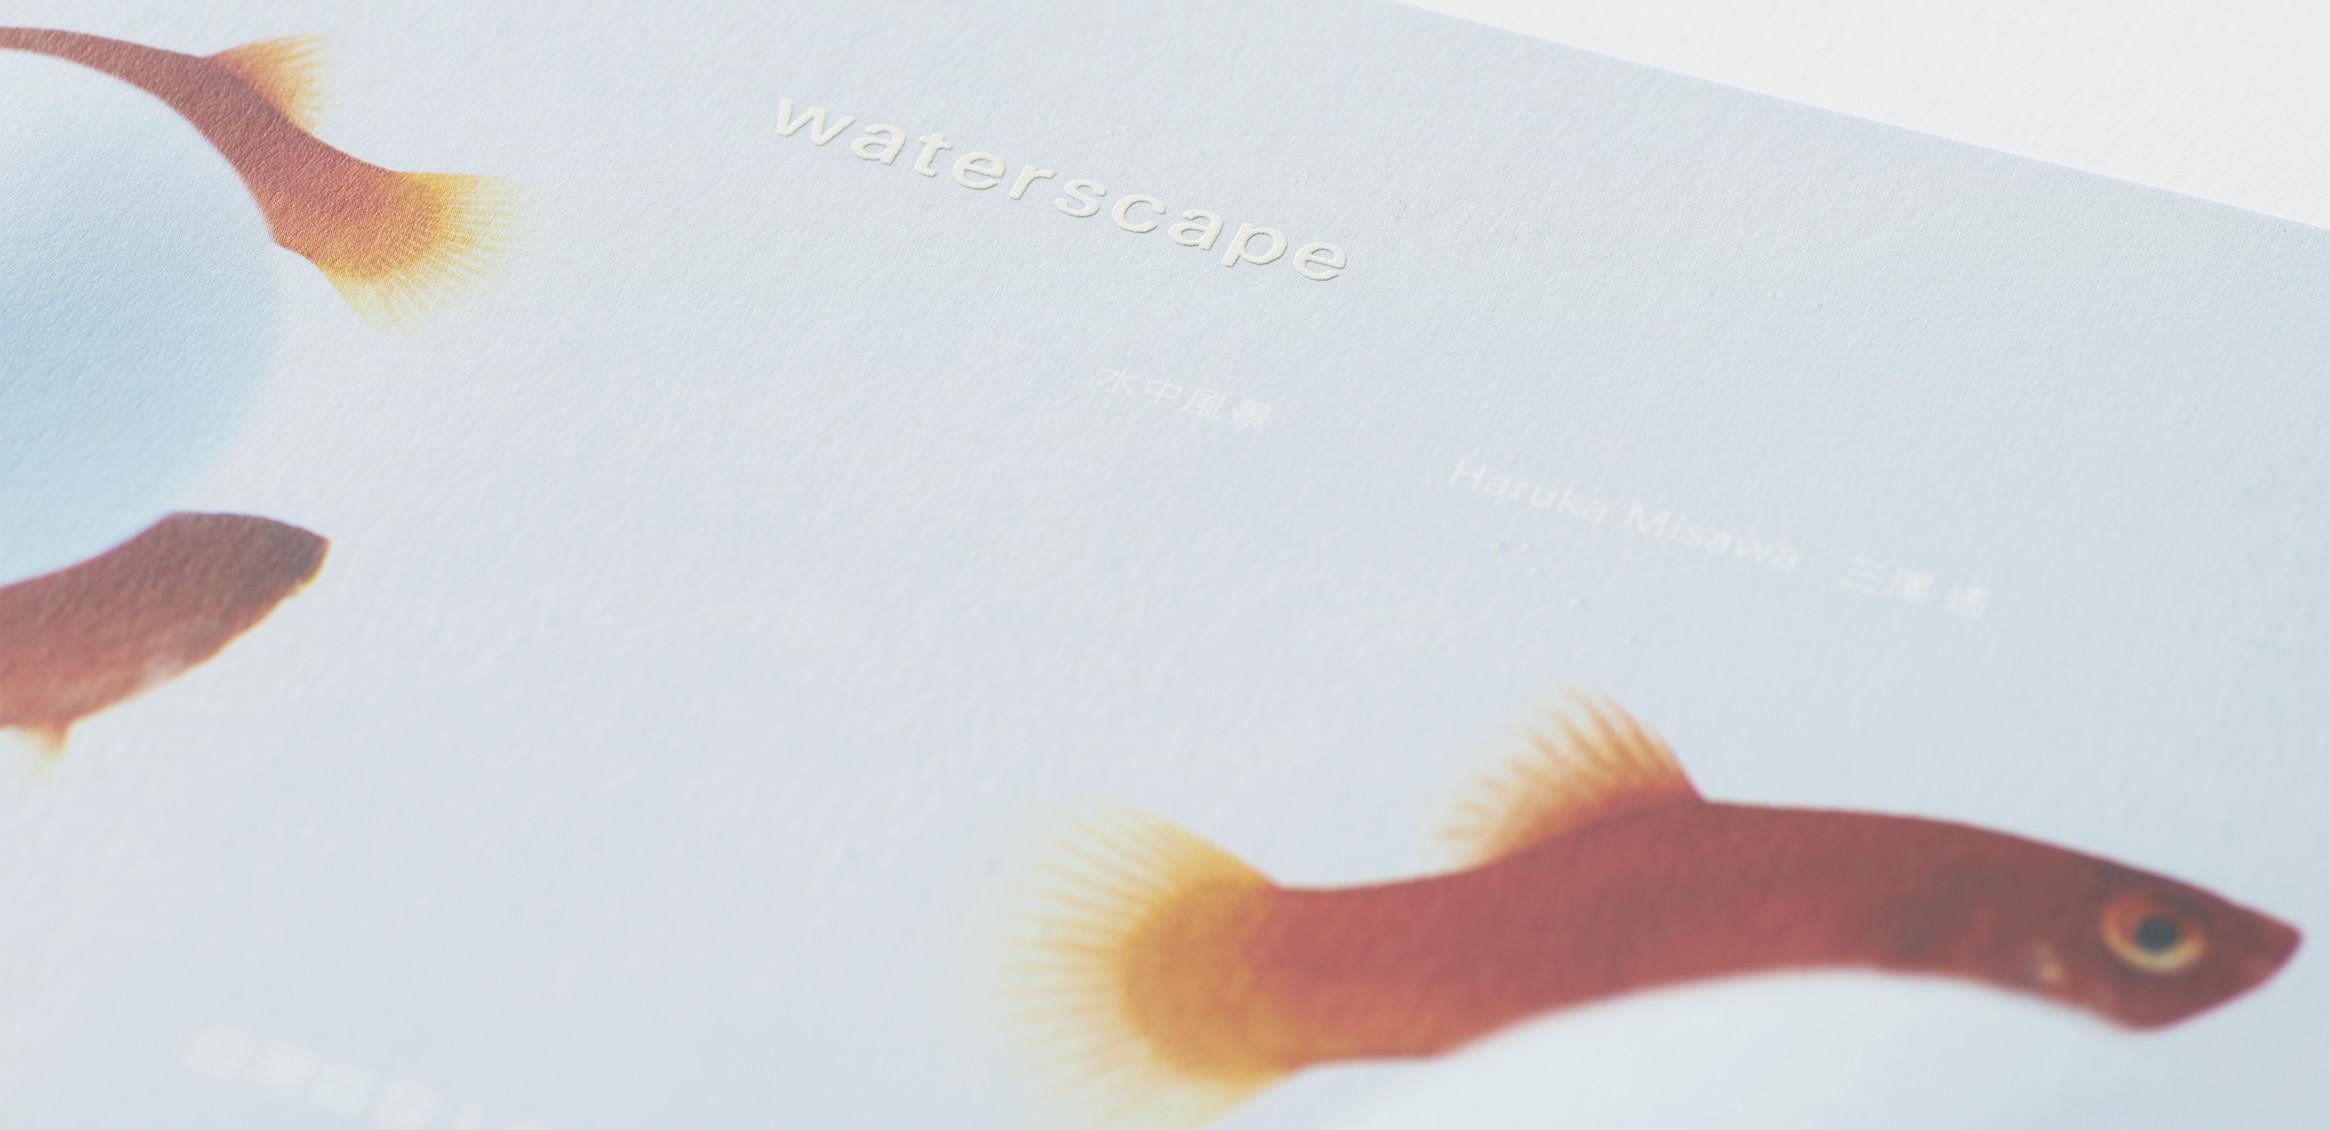 waterscape 作品集1枚目